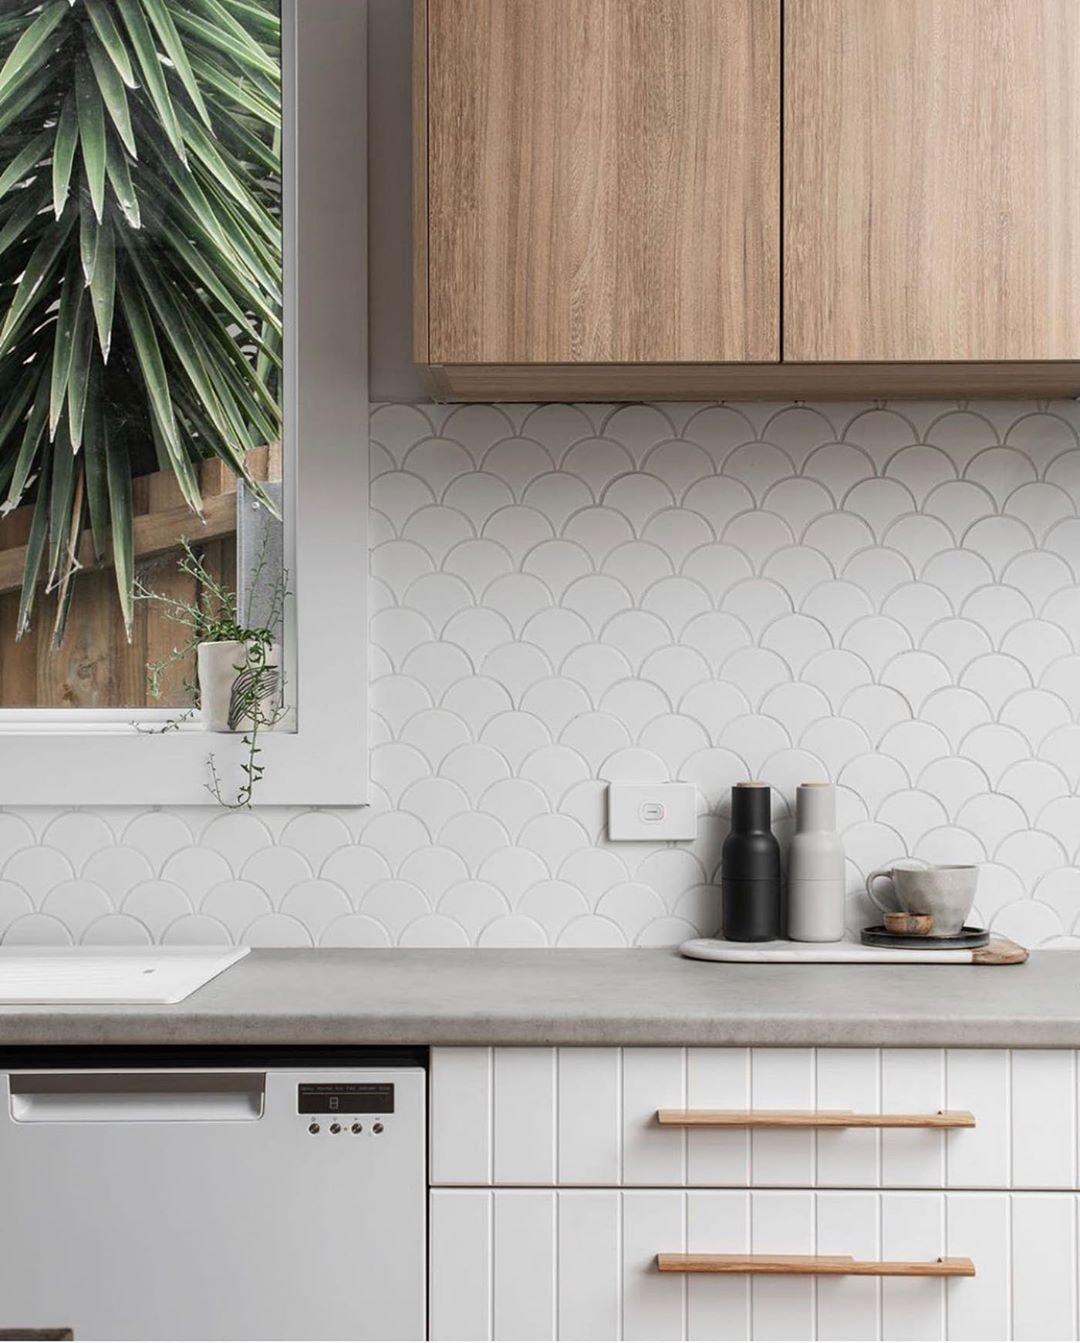 Tilecloud On Instagram Splashback Goals Matt White Fishscale Tiles With White In 2020 Kitchen Backsplash Designs Kitchen Splashback Tiles White Kitchen Splashback